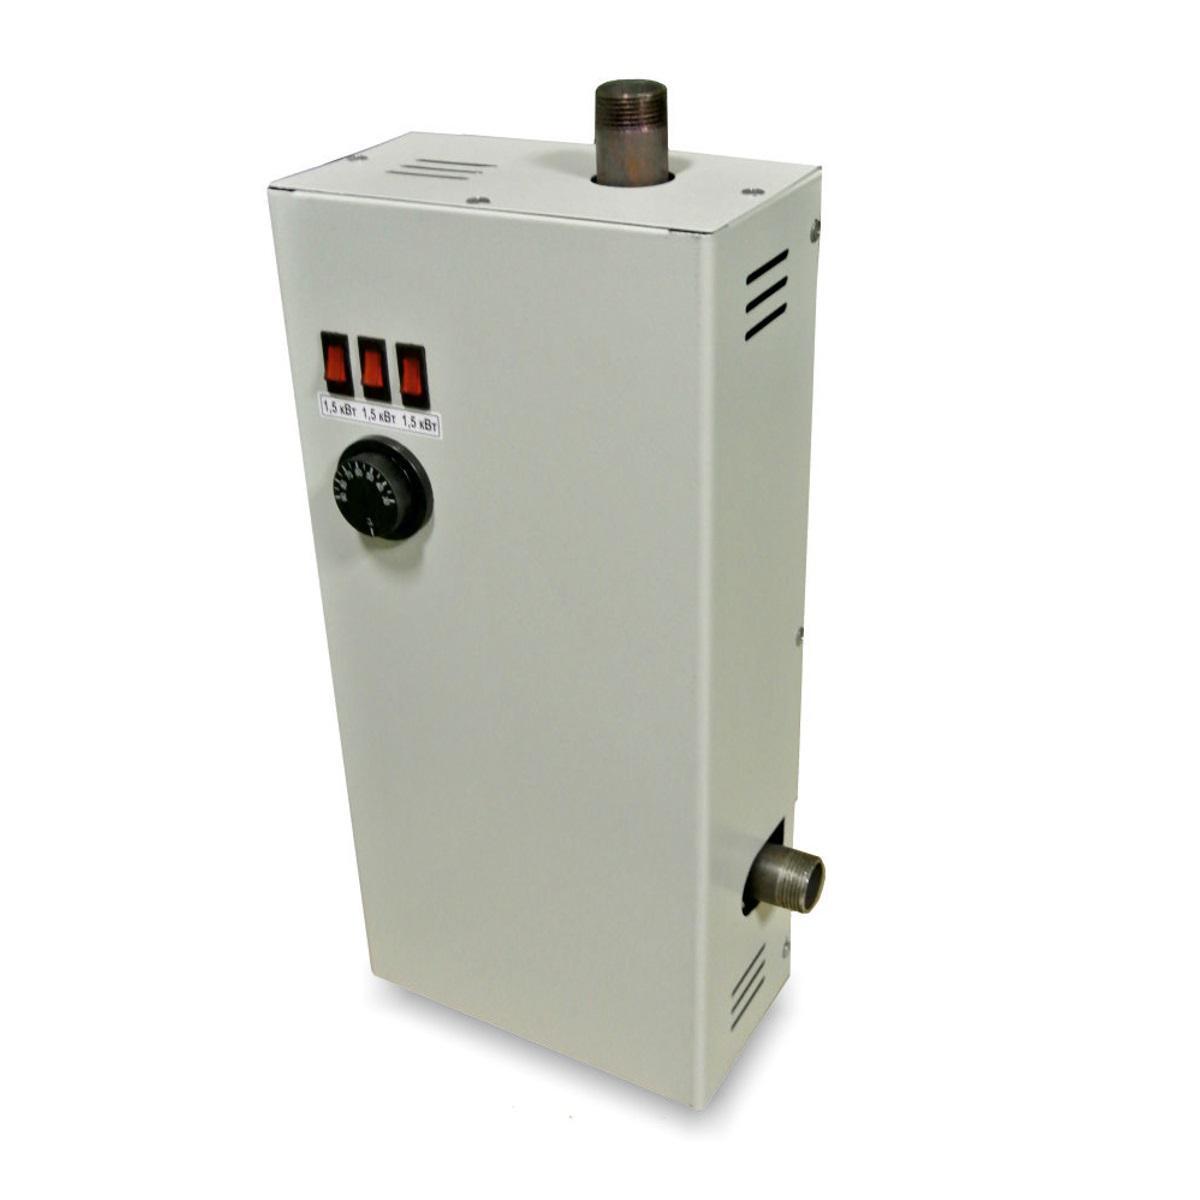 Электрический котел УРАЛПРОМ ЭВПМ-9кВт (380В) электрический котел уралпром эвпм 3квт 220в